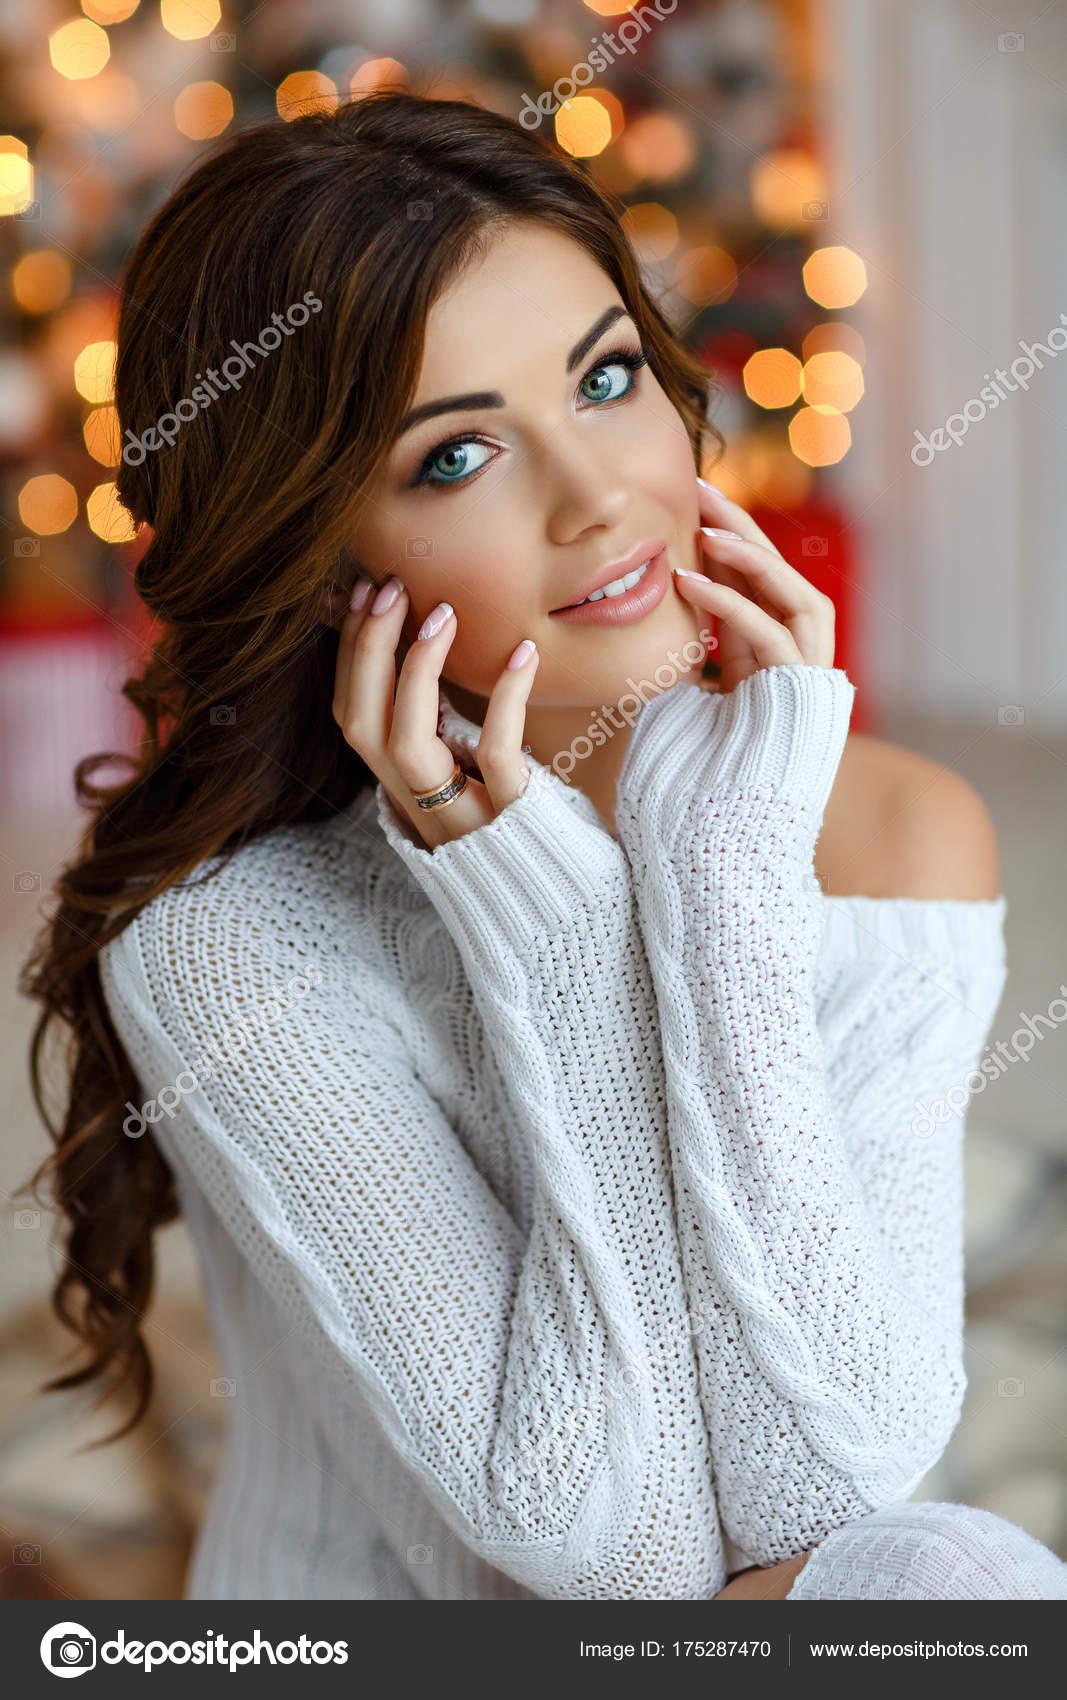 Brune Aux Yeux Bleus portrait de la belle fille aux yeux bleus de brune en sweate blanc